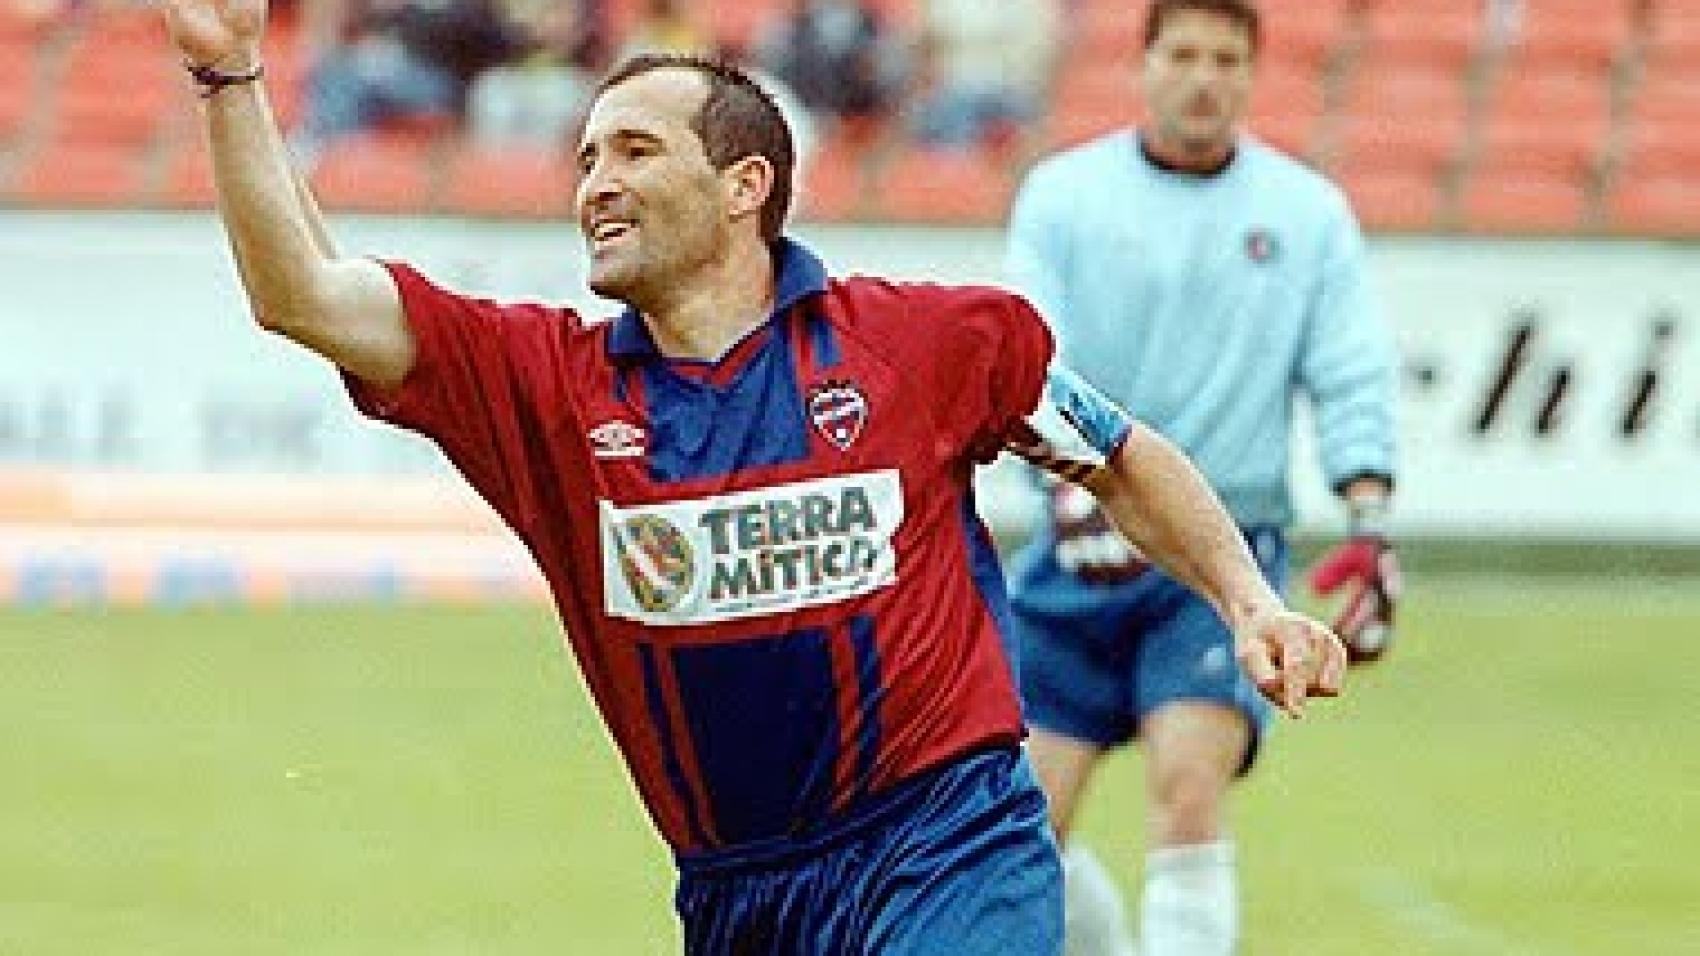 Paco Salillas, de gran goleador a profesor de pádel